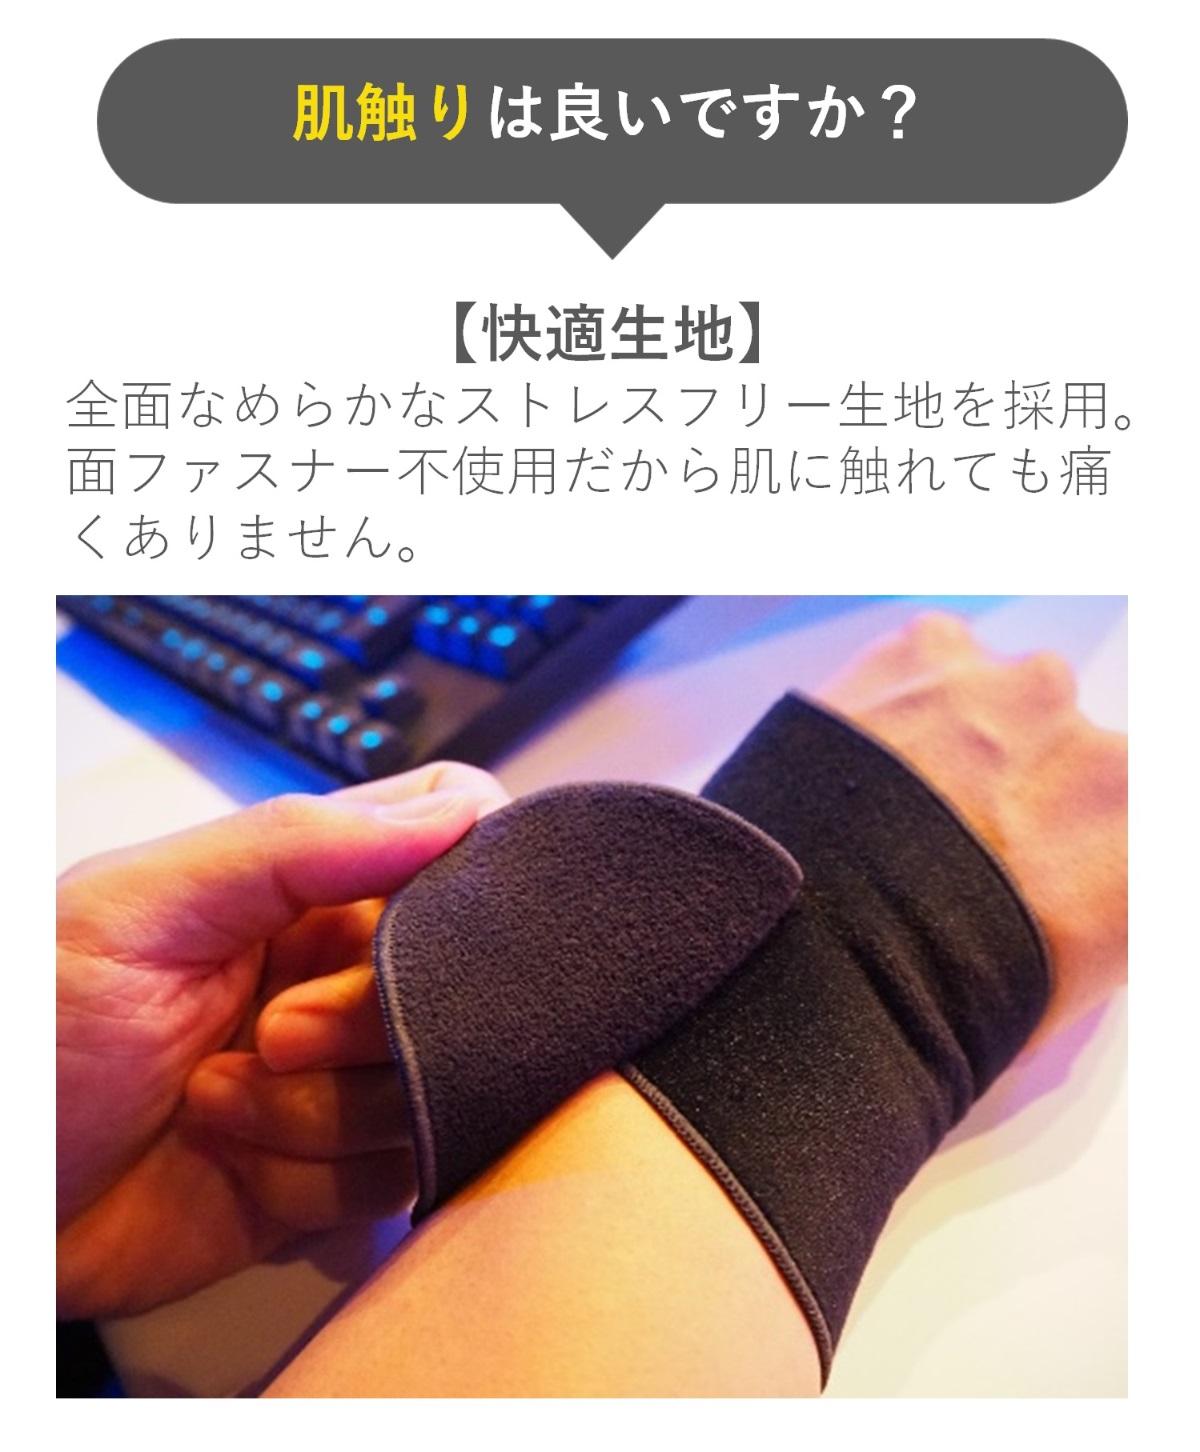 肌触りは良いですか?【快適生地】全面なめらかなストレスフリー生地を採用。面ファスナー不使用だから肌に触れても痛くありません。